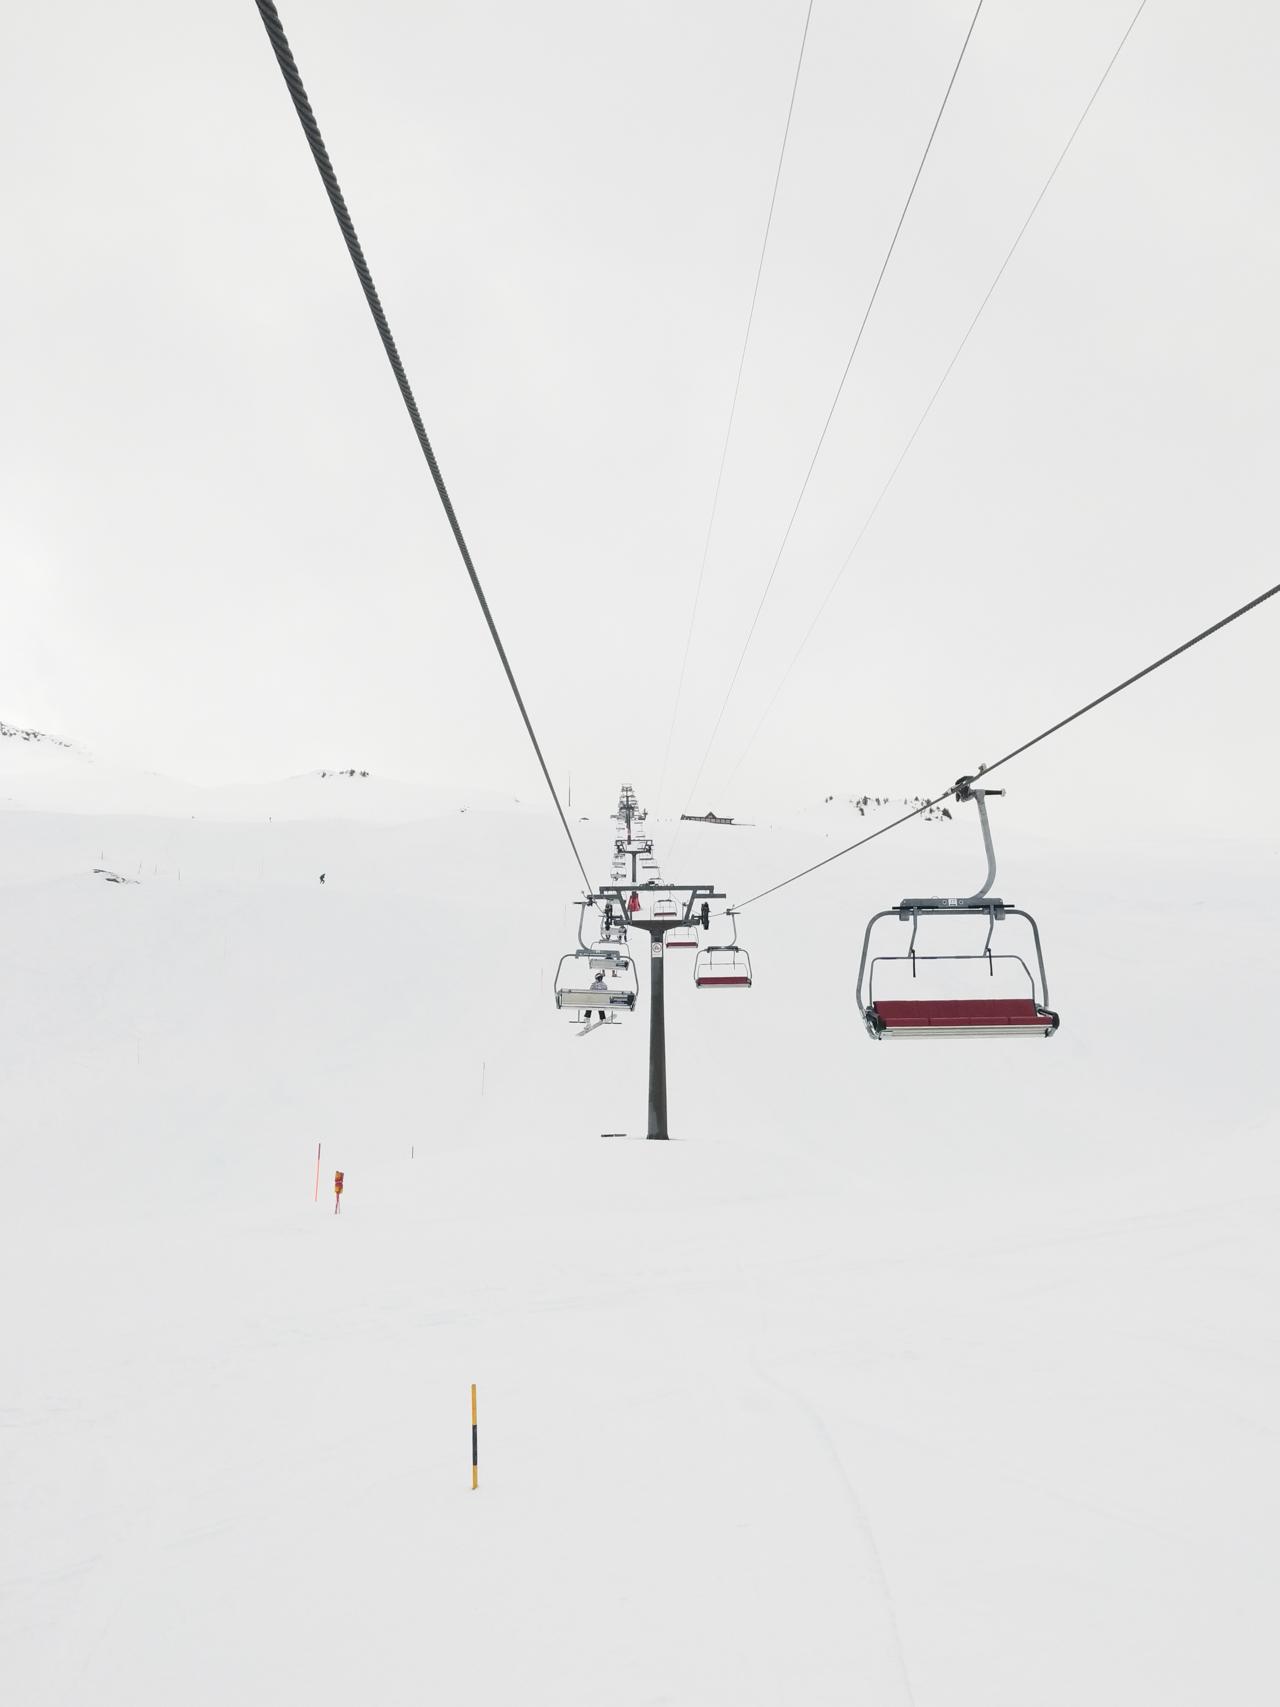 Ski lift at Hoch-Ybrig